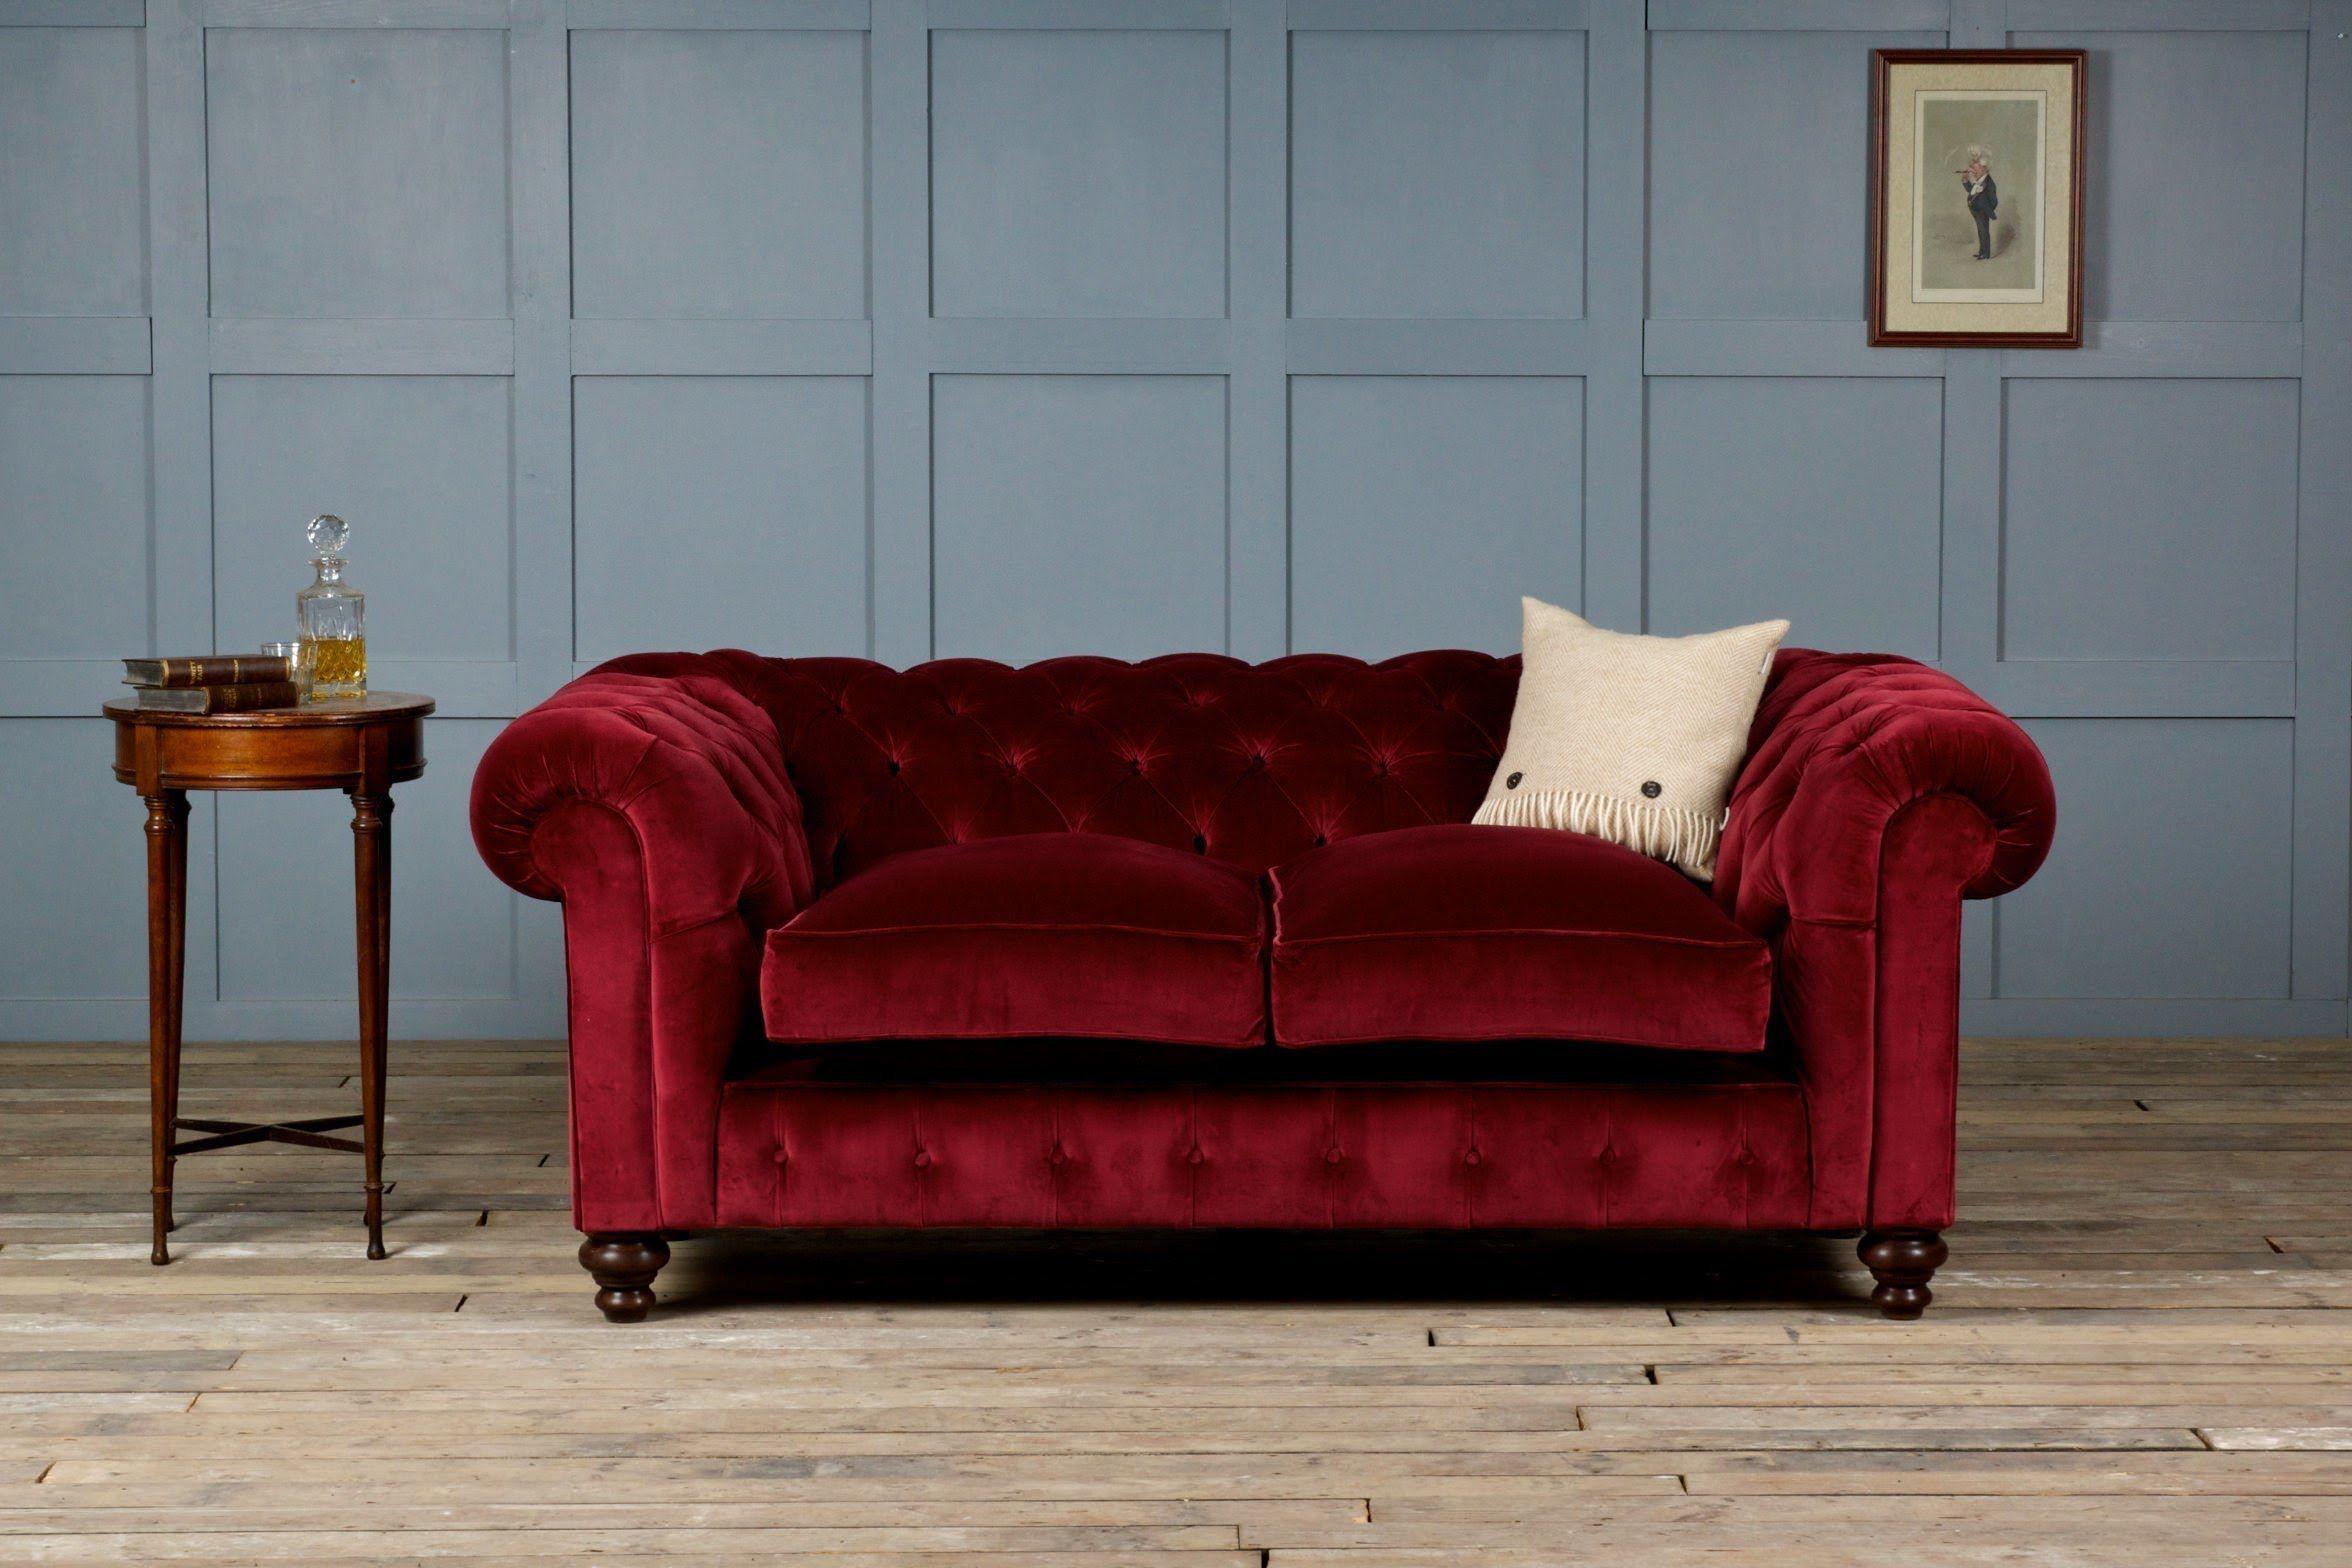 Sofas Center Velvet Sofa Youtube Maxresdefault Red With Cat Pee On